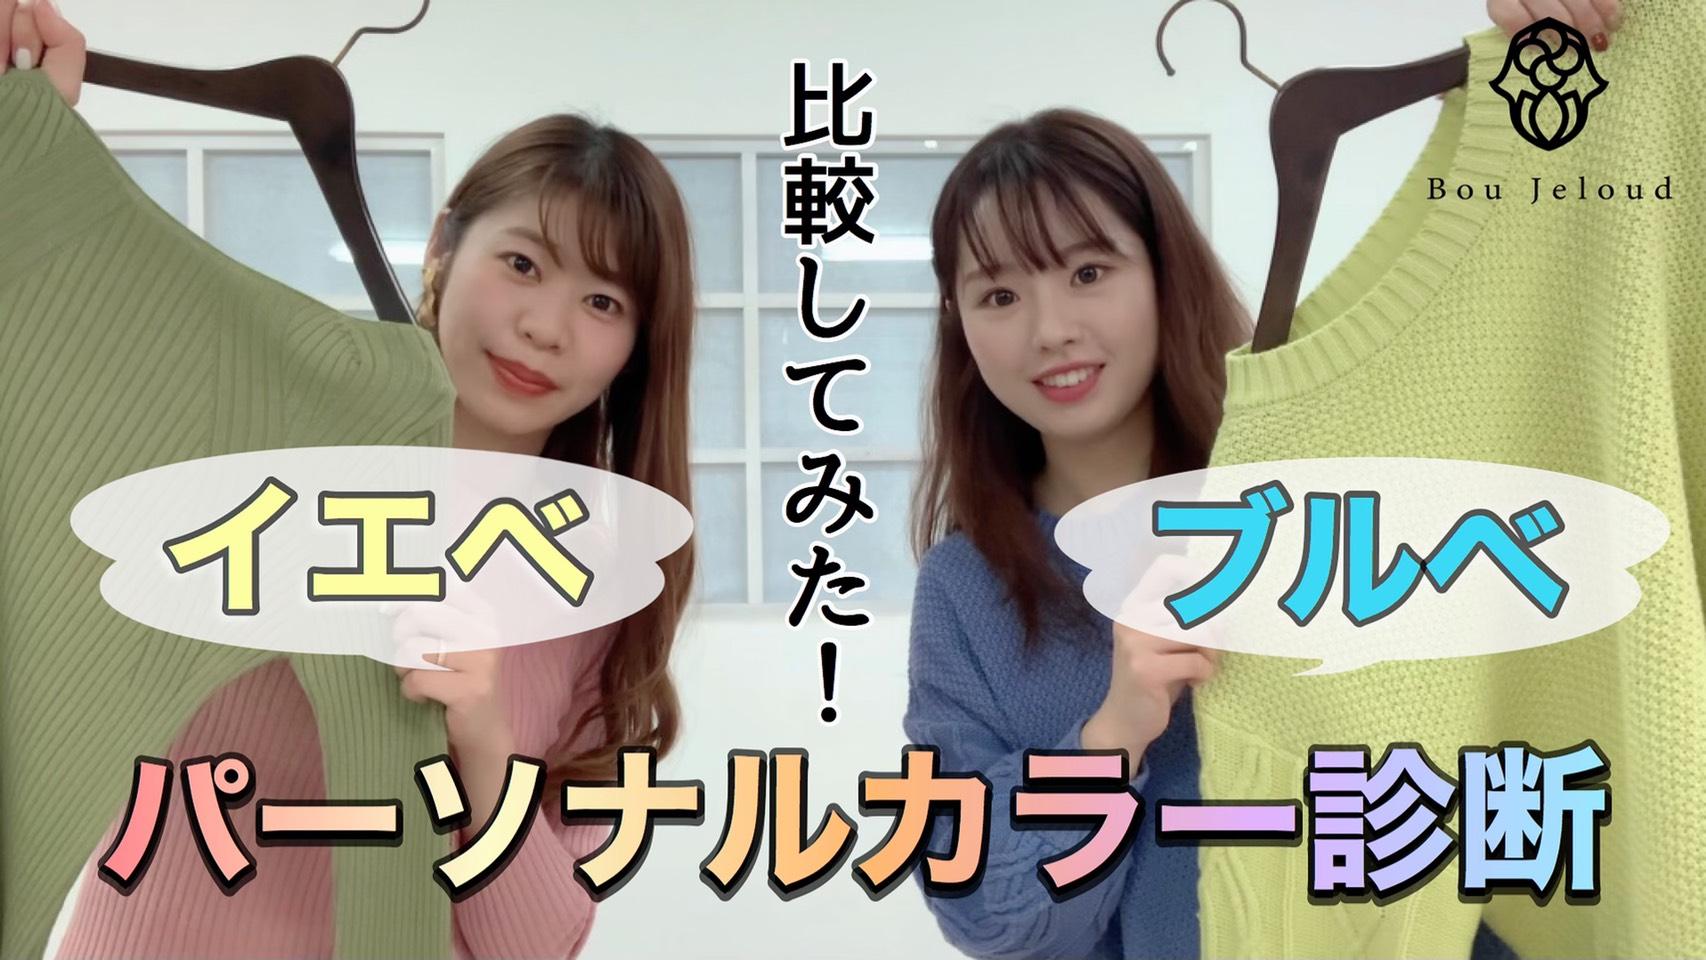 【パーソナルカラー診断】イエベとブルベの完全比較💛💙(ファッションver.)